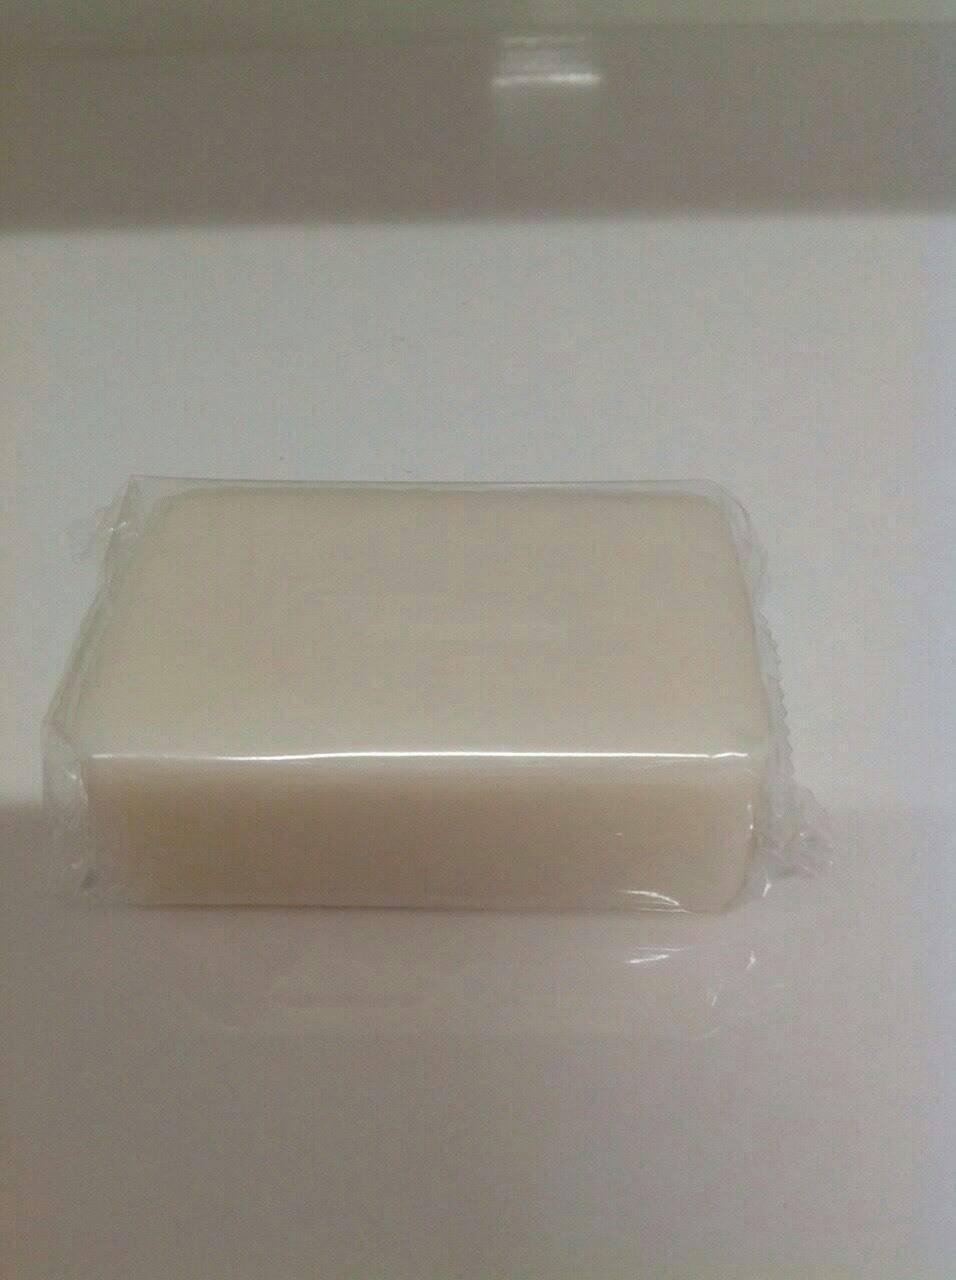 สบู่กลูต้าสปีดไวท์ผสมสารสกัดไชเท้าเข้มข้น Gluta Speed White with Radish Soap